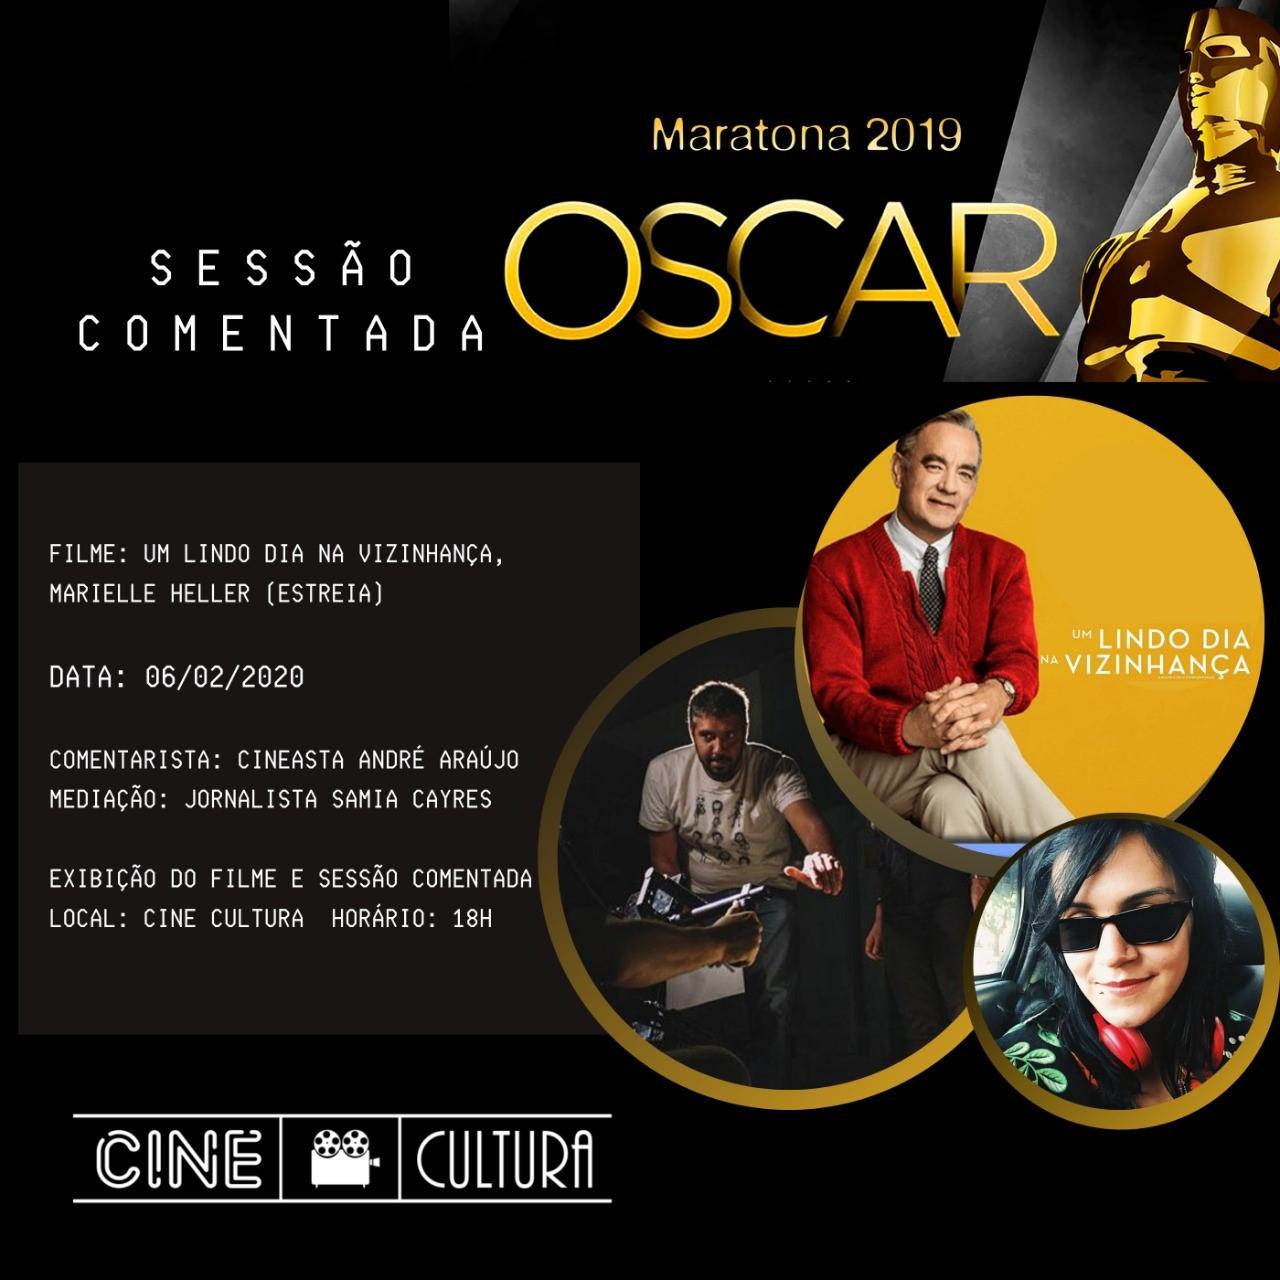 Com diversas atividades, Cine Cultura apresenta programação especial para a semana do Oscar